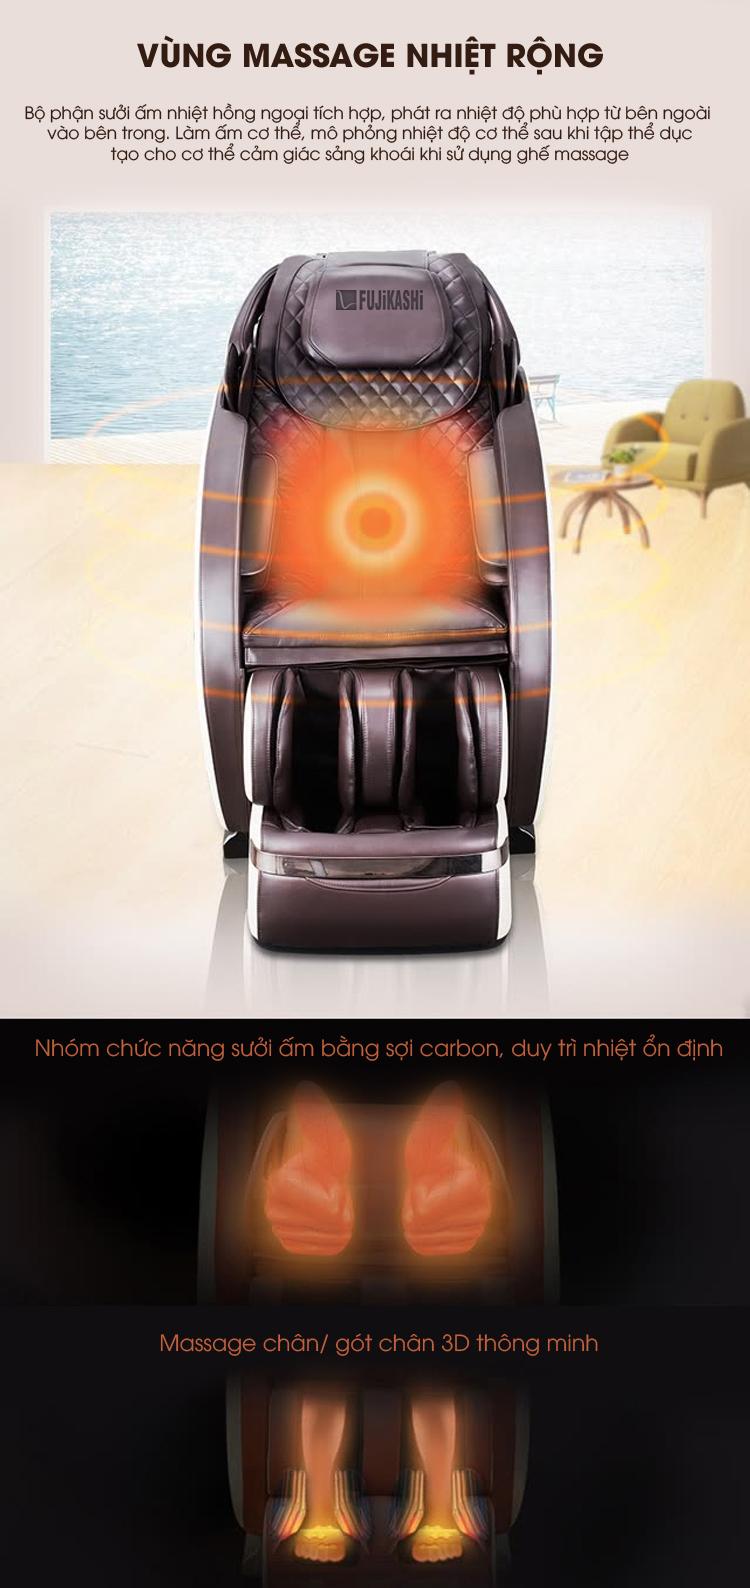 Massage nhiệt sưởi ấm ổn định nâng cao hiệu quả massage thẩm thấu sâu vào cơ thể.